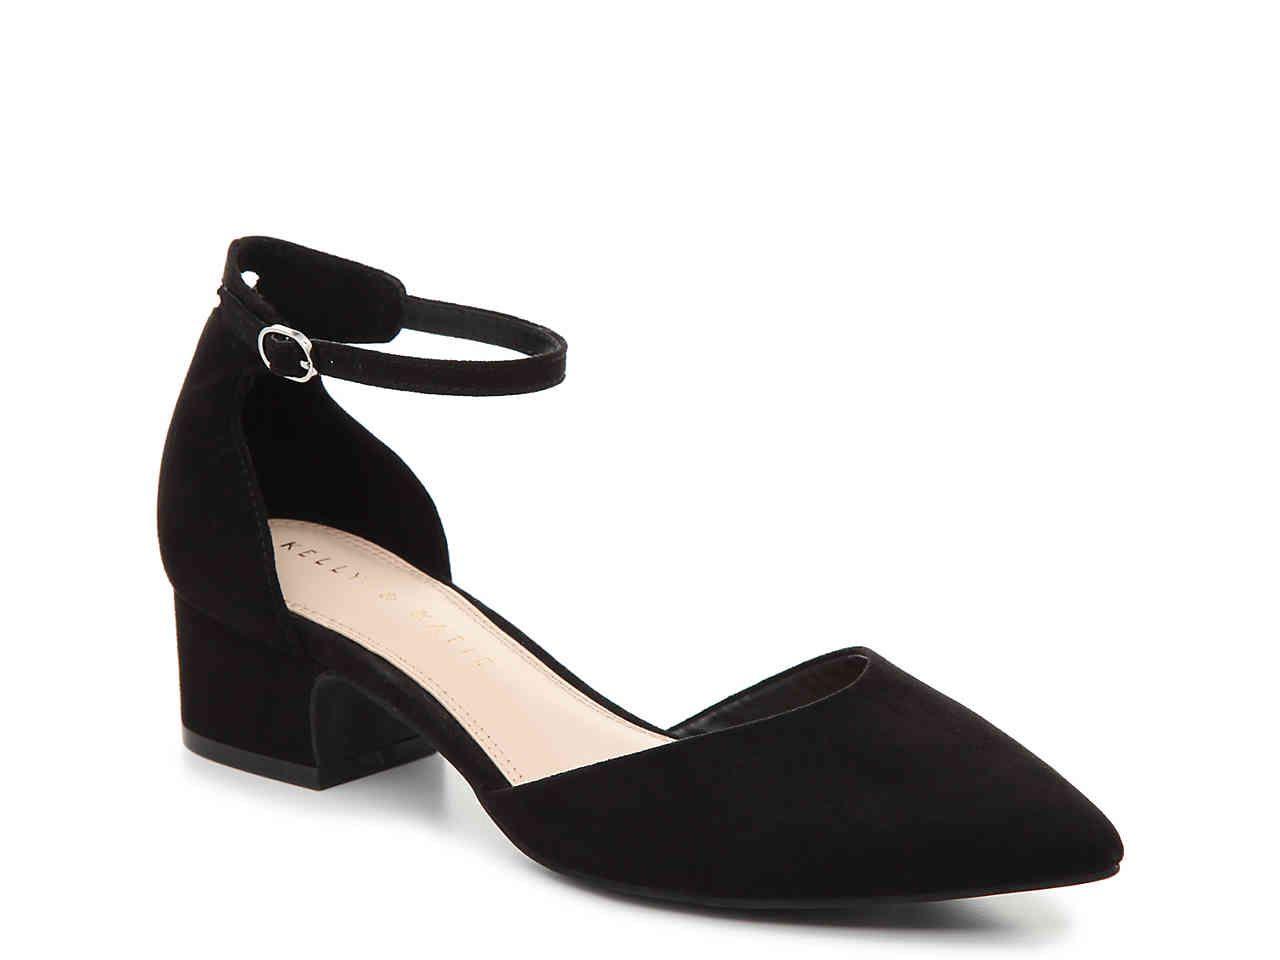 Kelly Katie Joye Pump Women S Shoes Dsw Fluffy Heels Graduation Shoes Black Heels Low